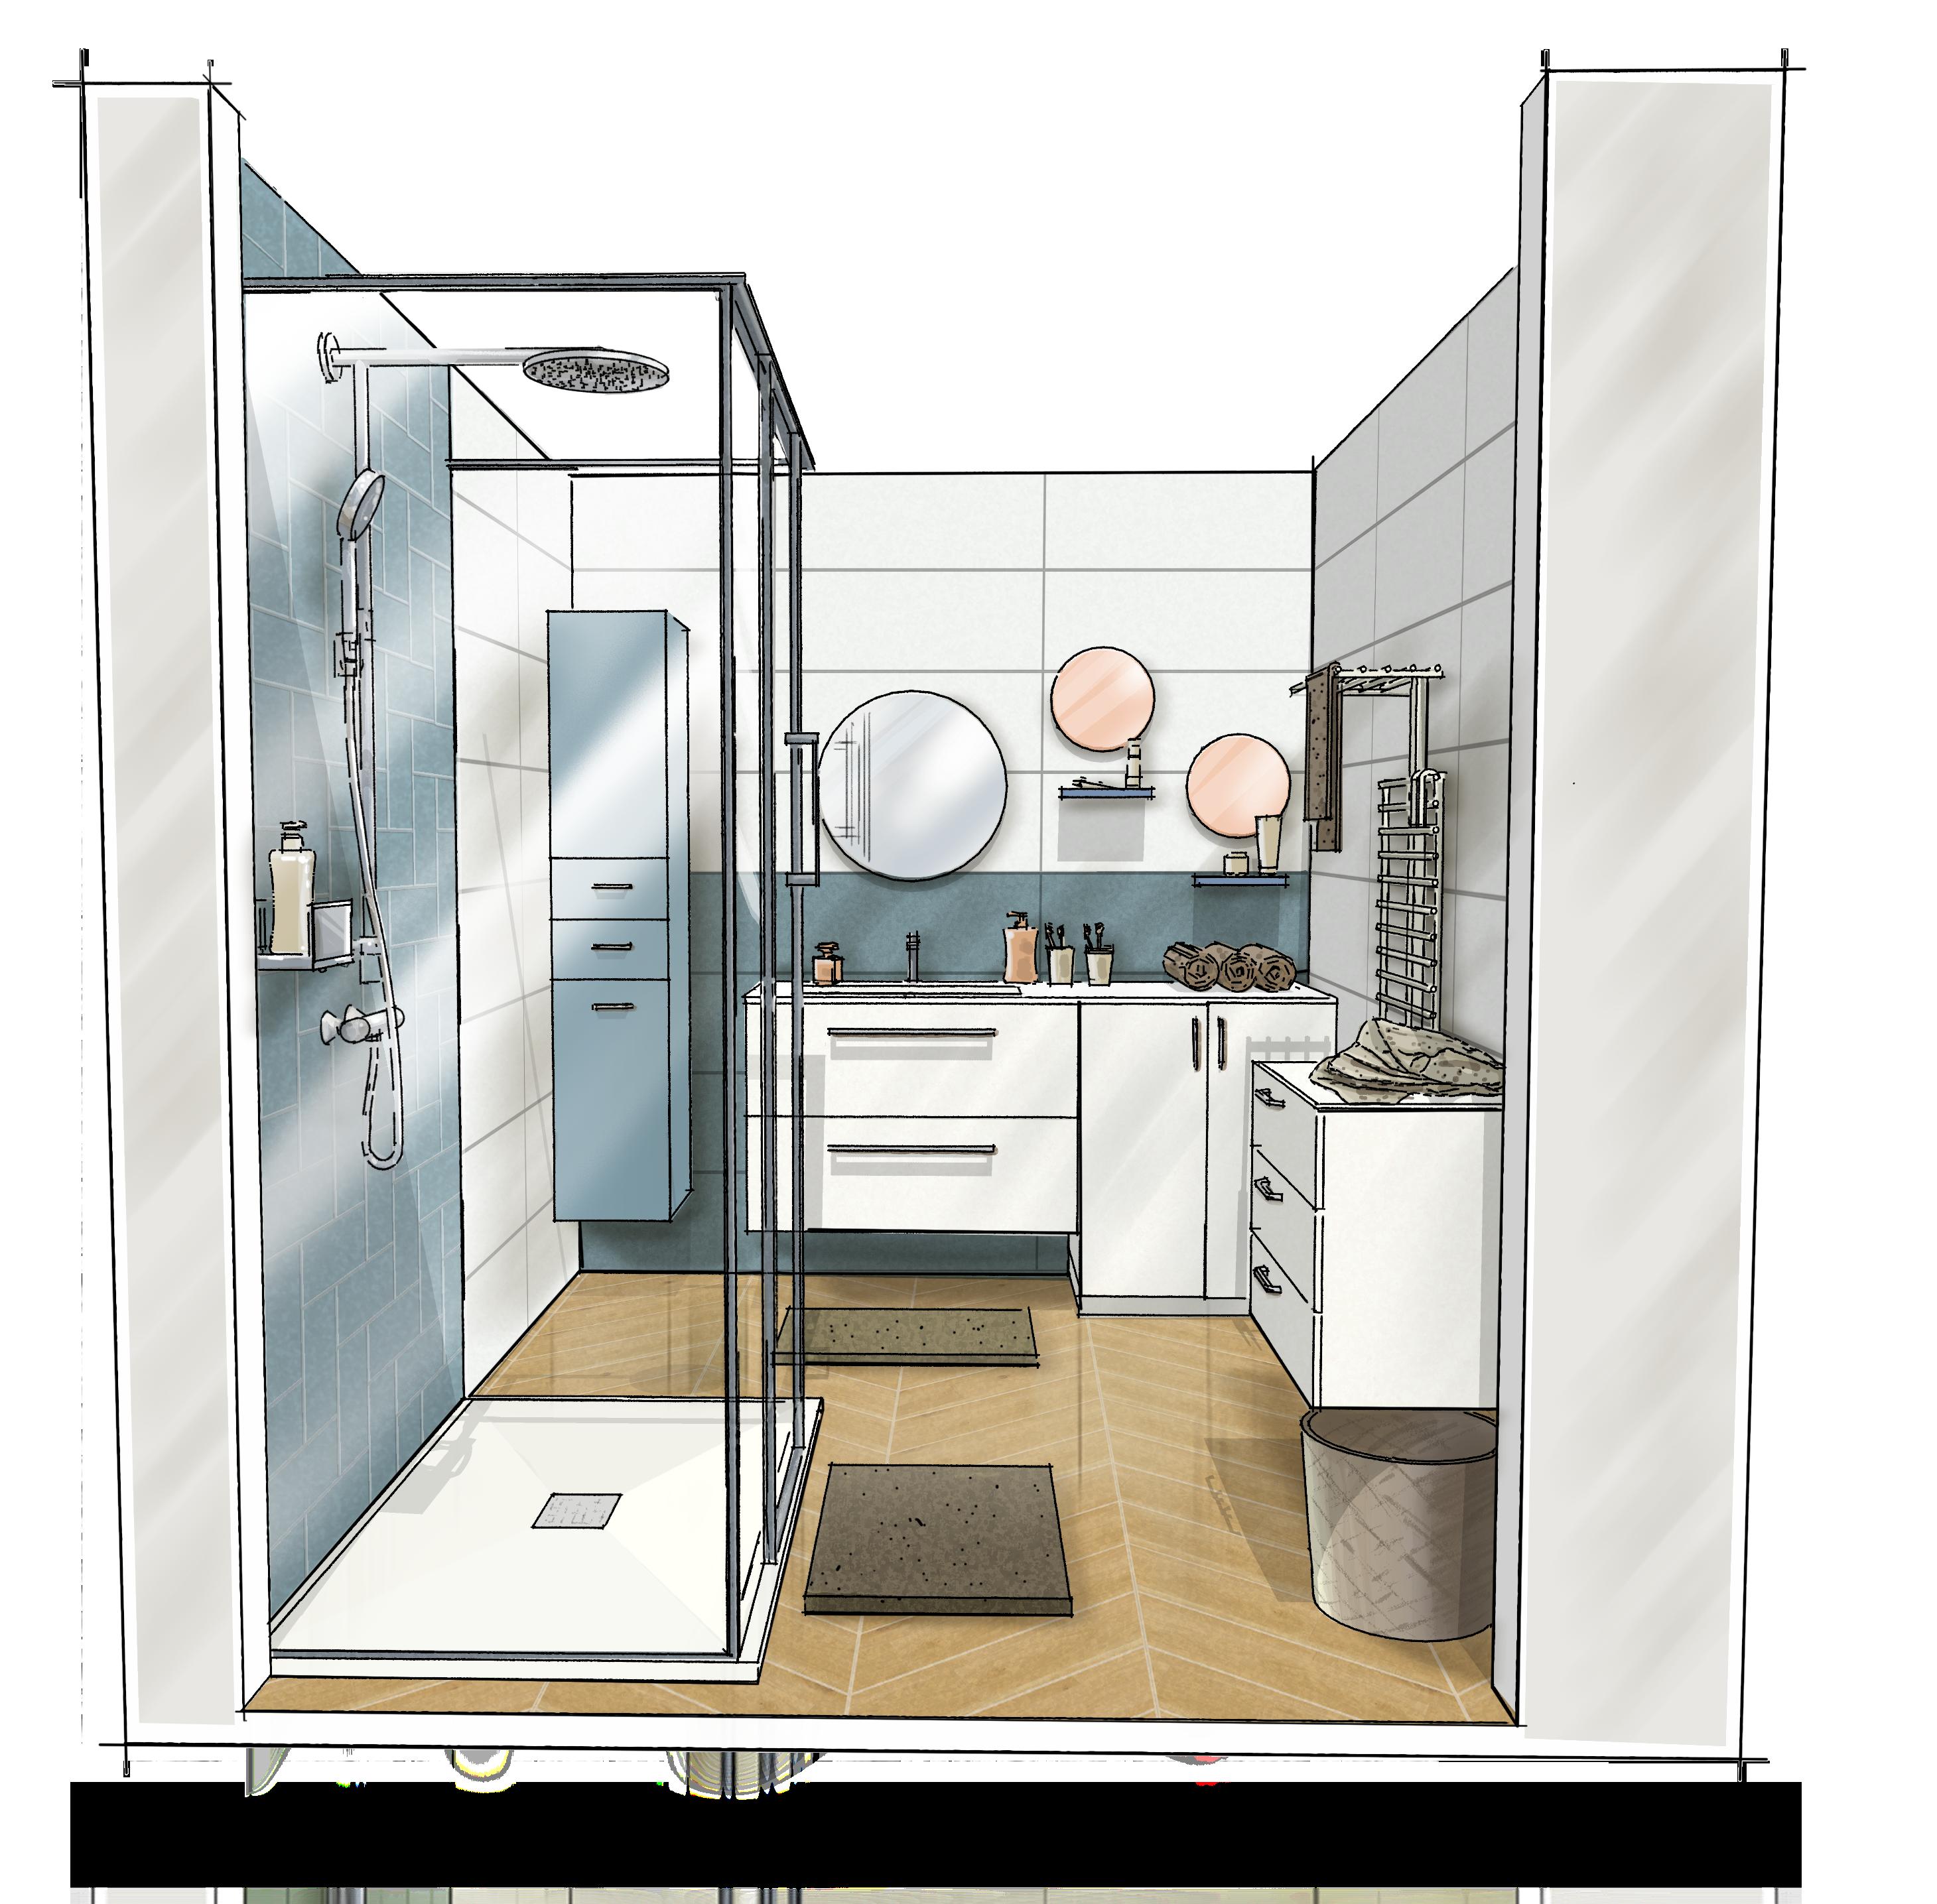 Croquis 3D salle de bain Cache machine